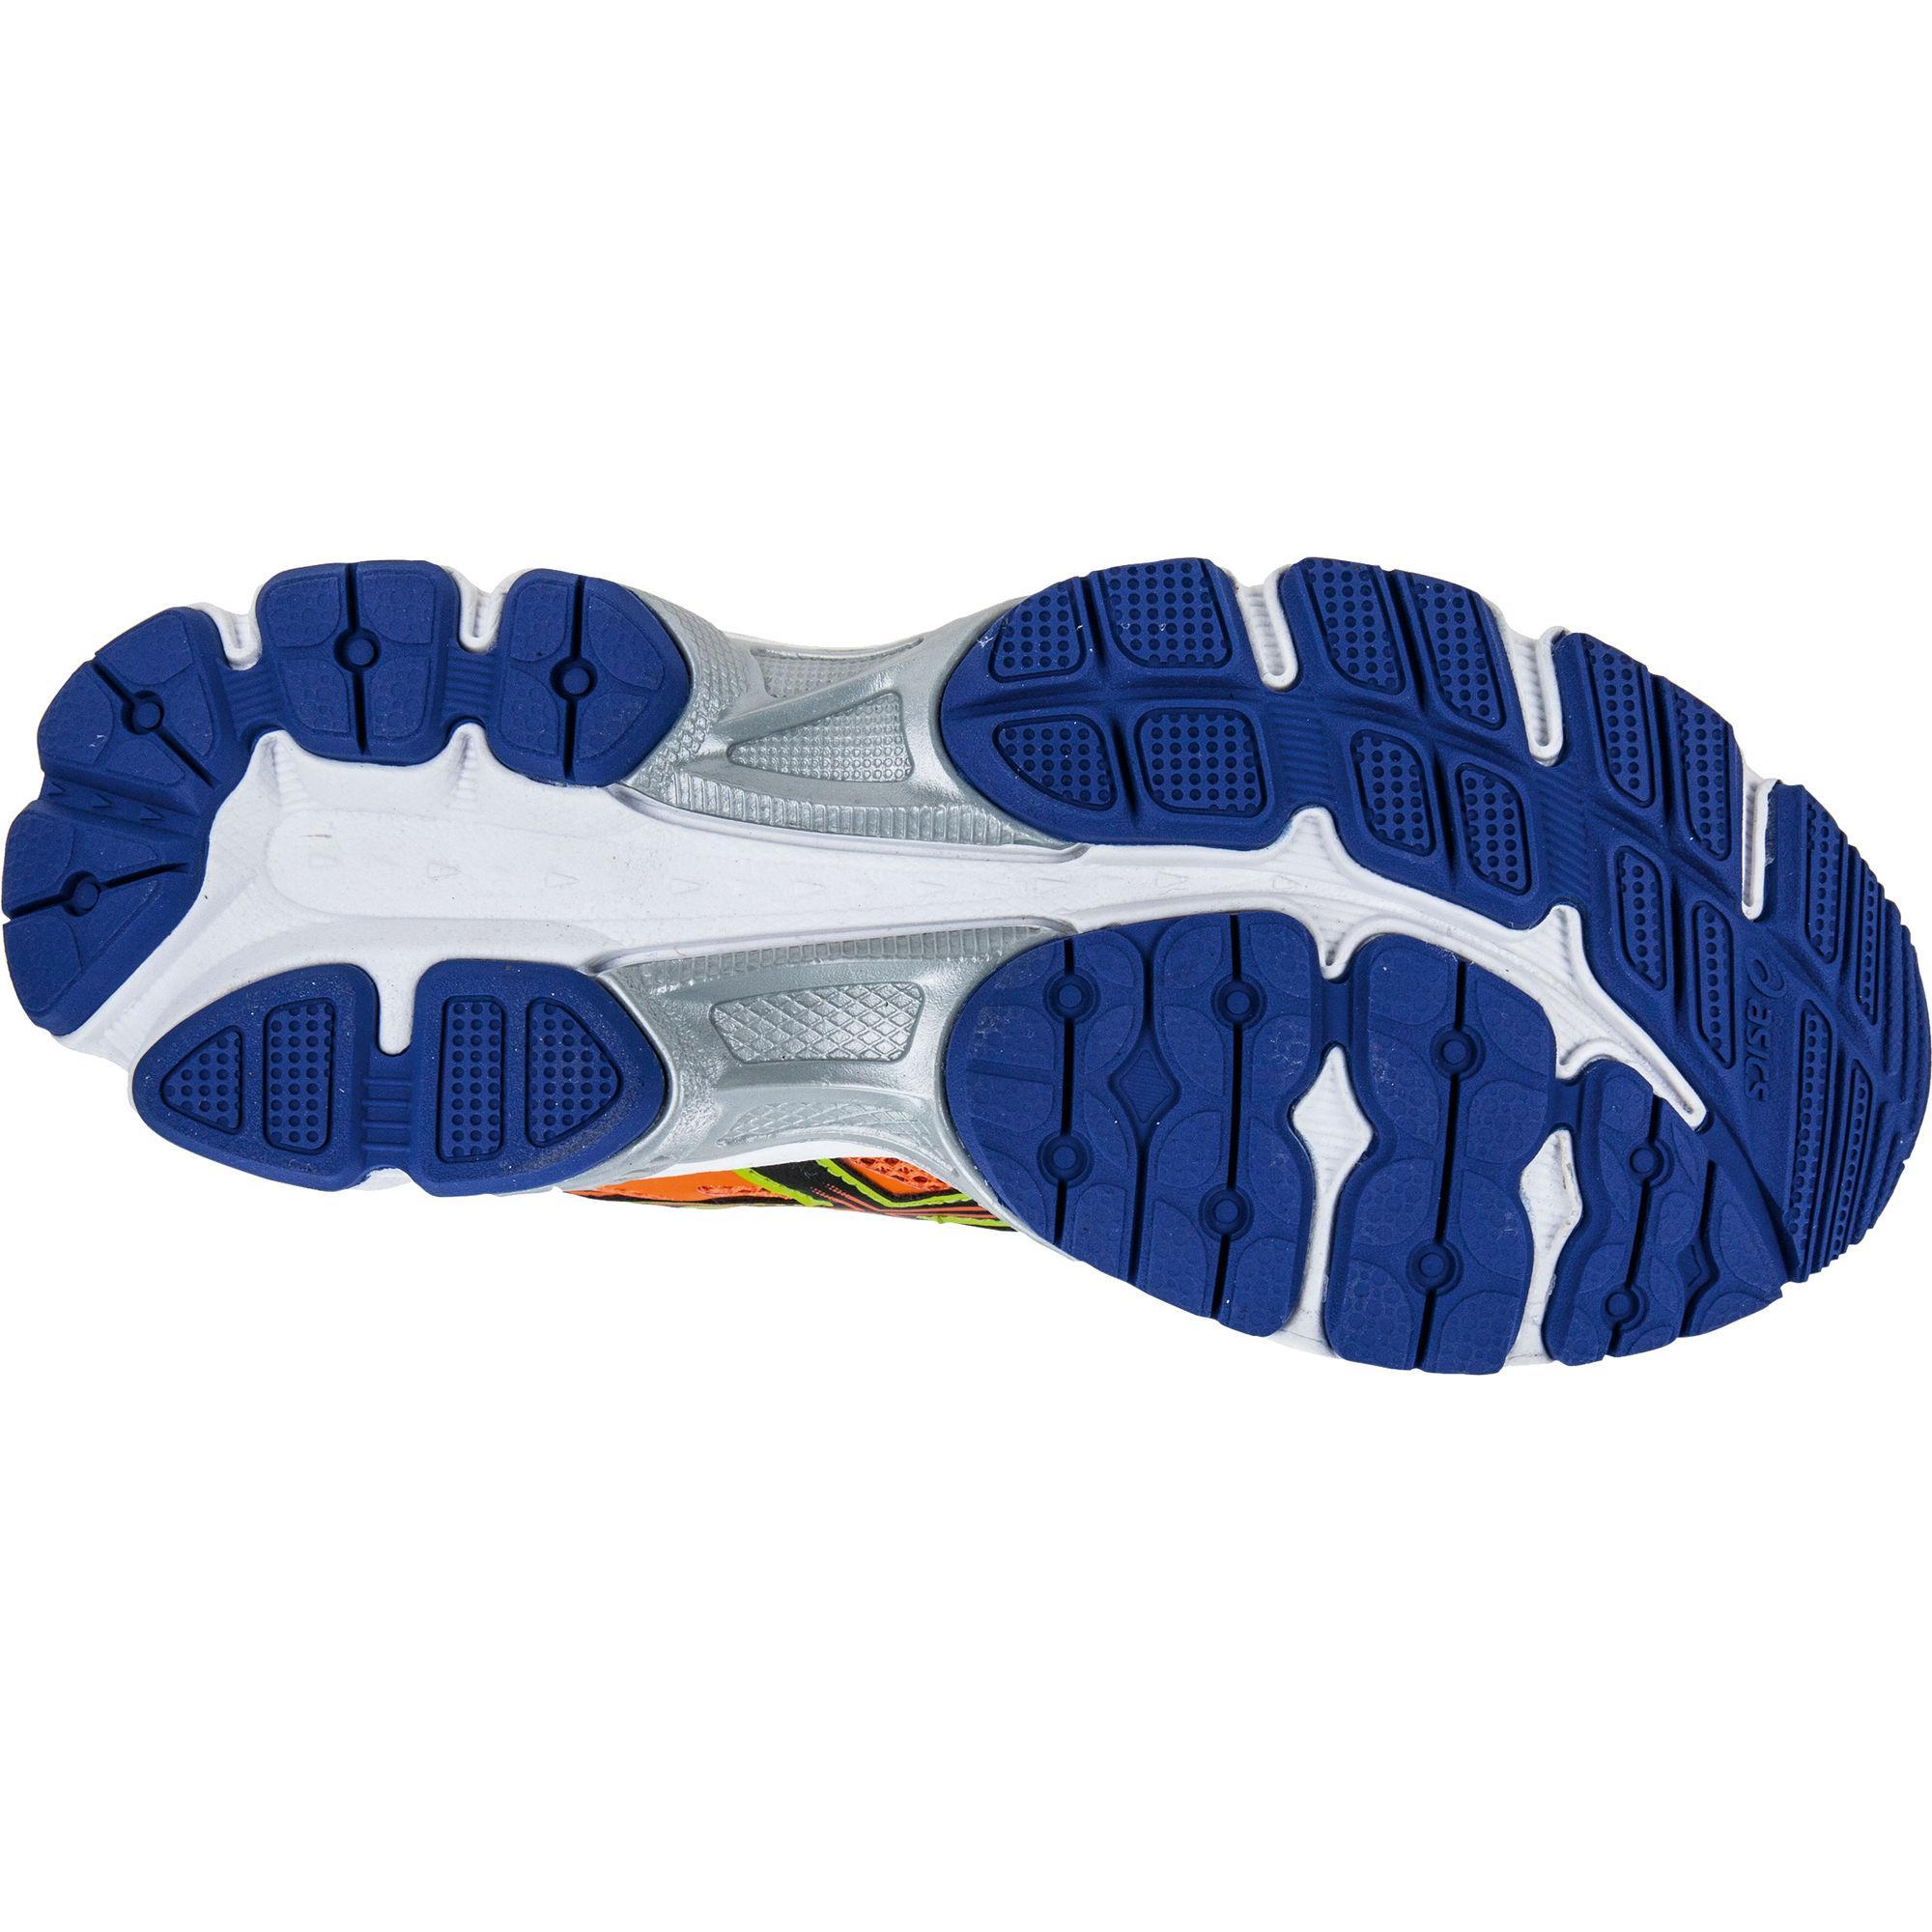 Chaussures de Orange course Asics/ Boys GEL Cumulus Cumulus 15 GS Orange/ Lime 50a3c22 - trumpfacts.website